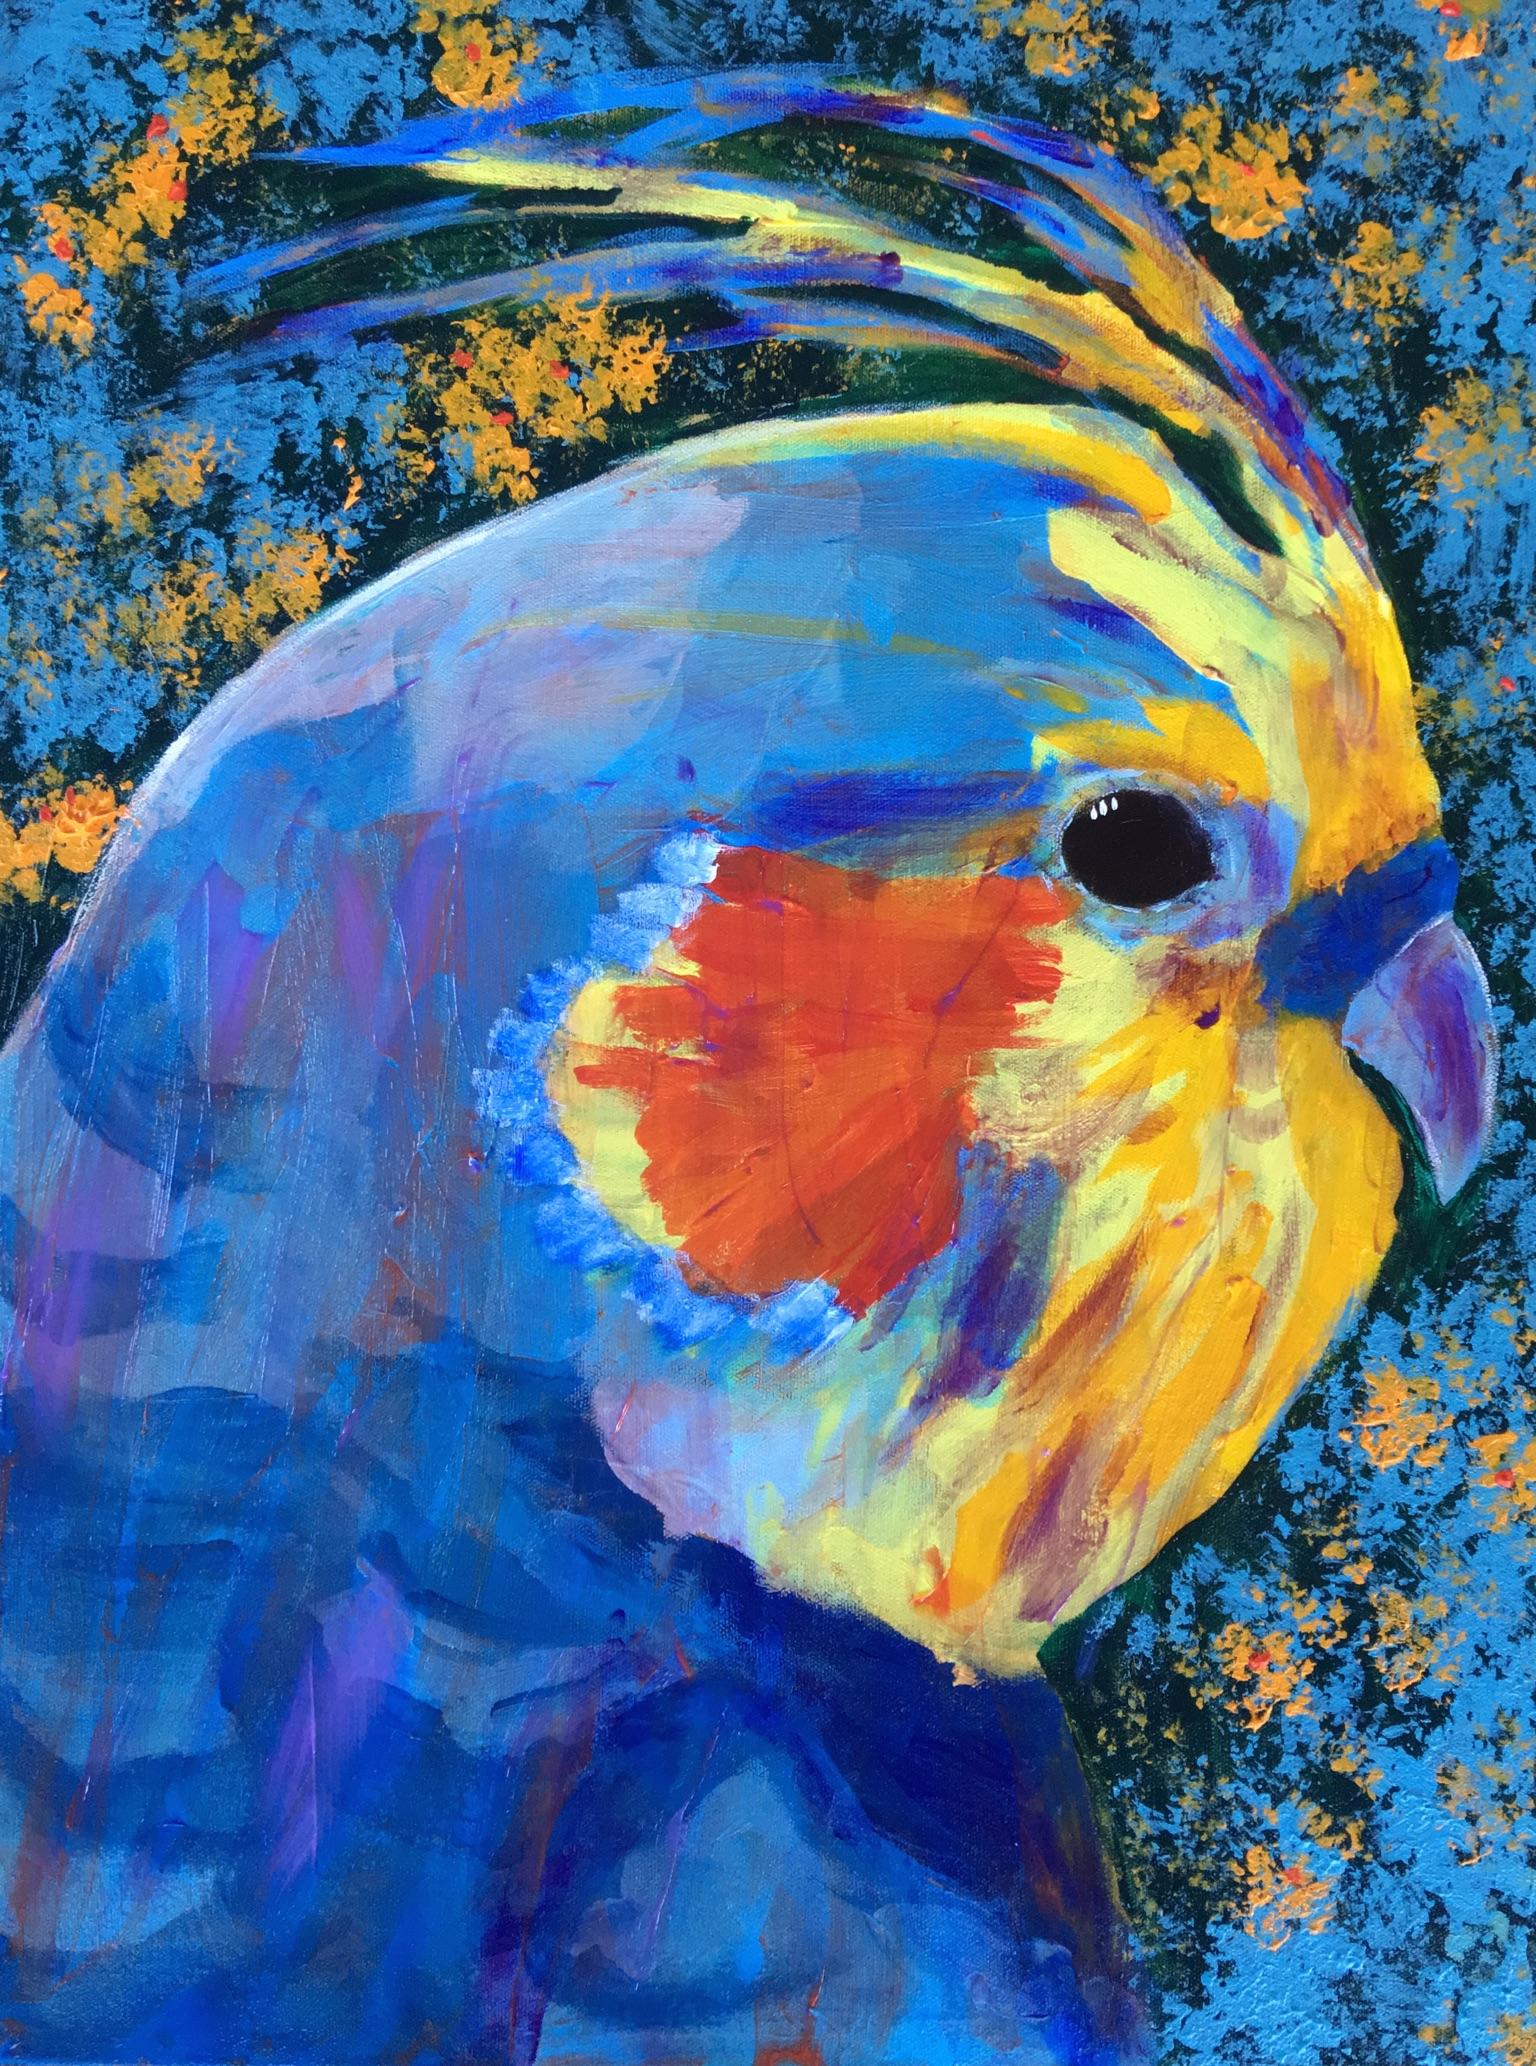 Cockatiel Fine Art Print by Donald Ryker